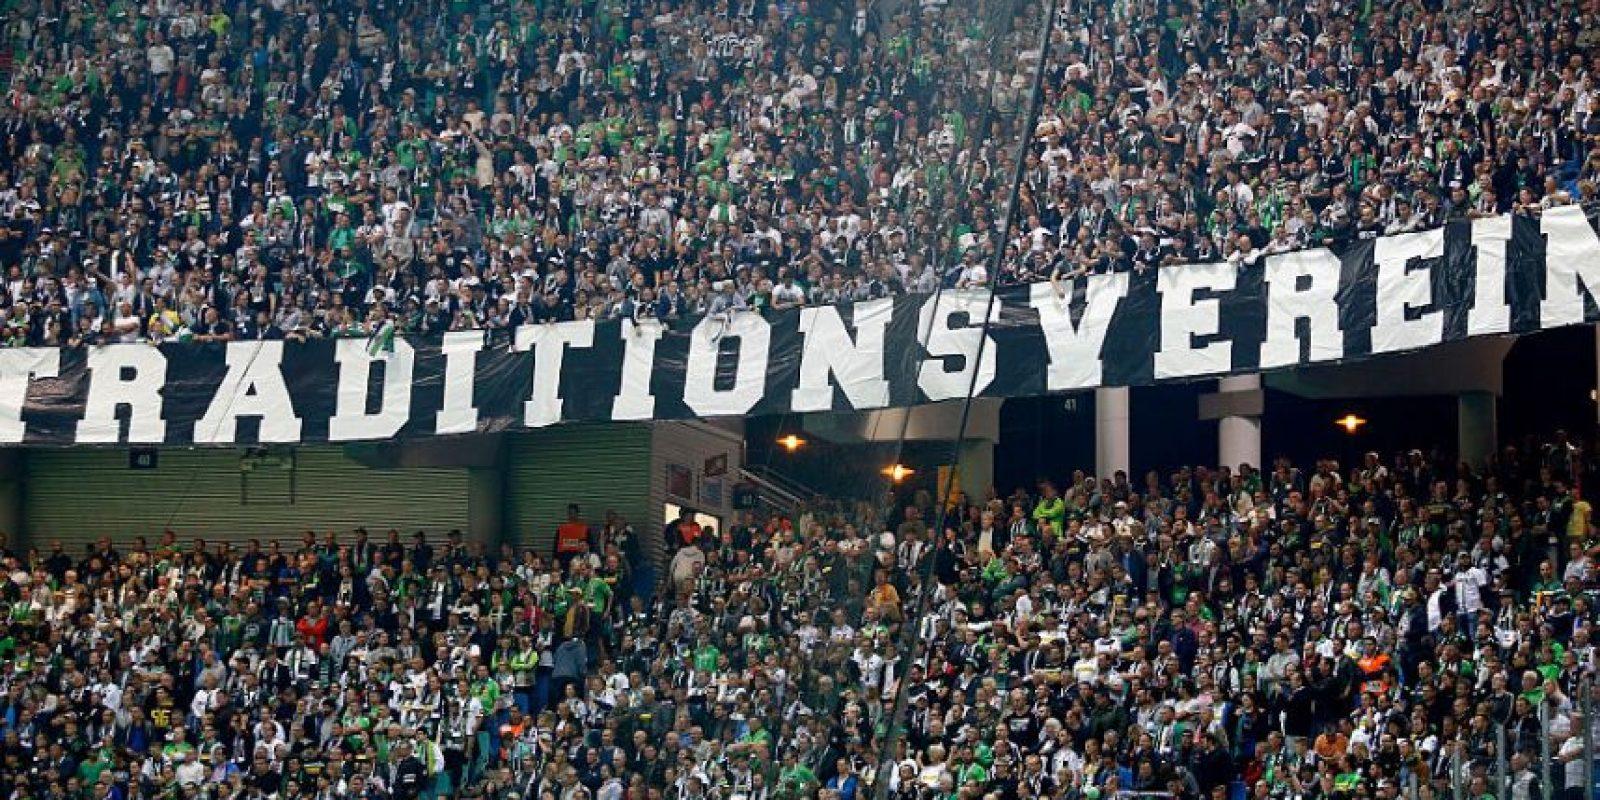 Las protestas de los rivales del RB Leipzig se han sentido fuerte en Alemania Foto:Getty Images